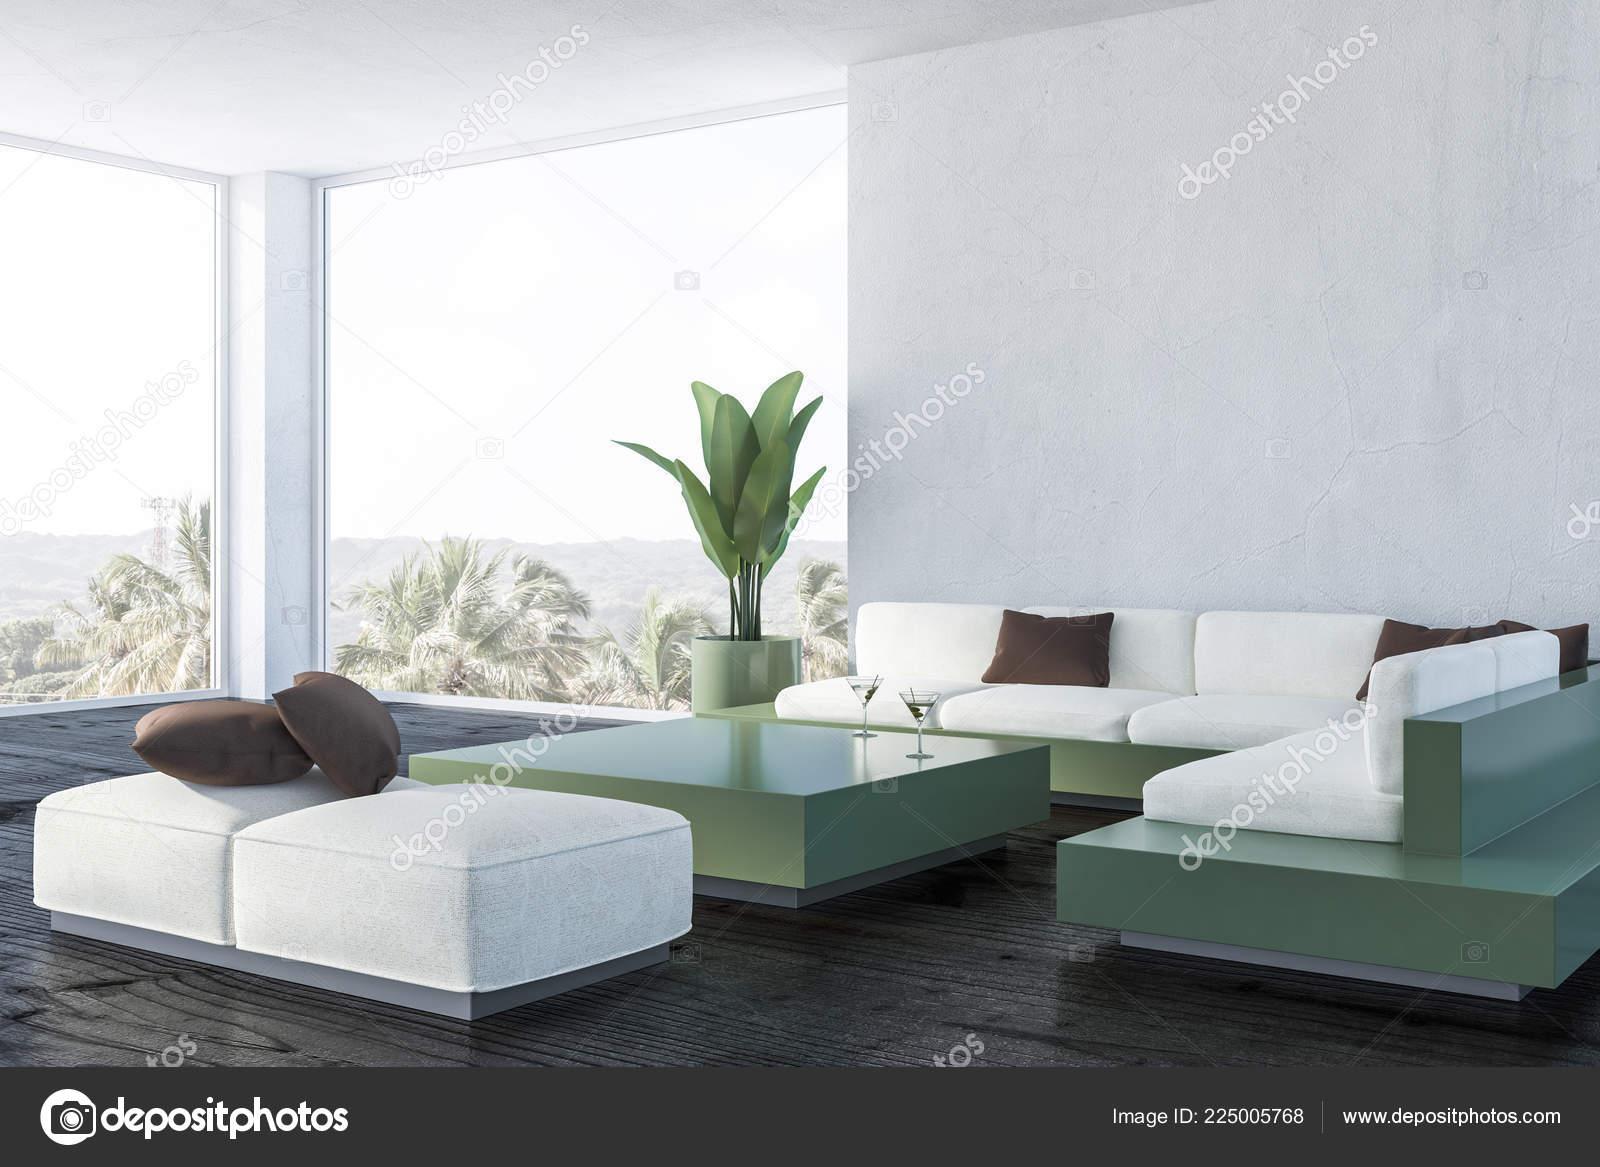 Corner Modern Living Room White Walls Dark Wooden Floor White Stock Photo C Denisismagilov 225005768